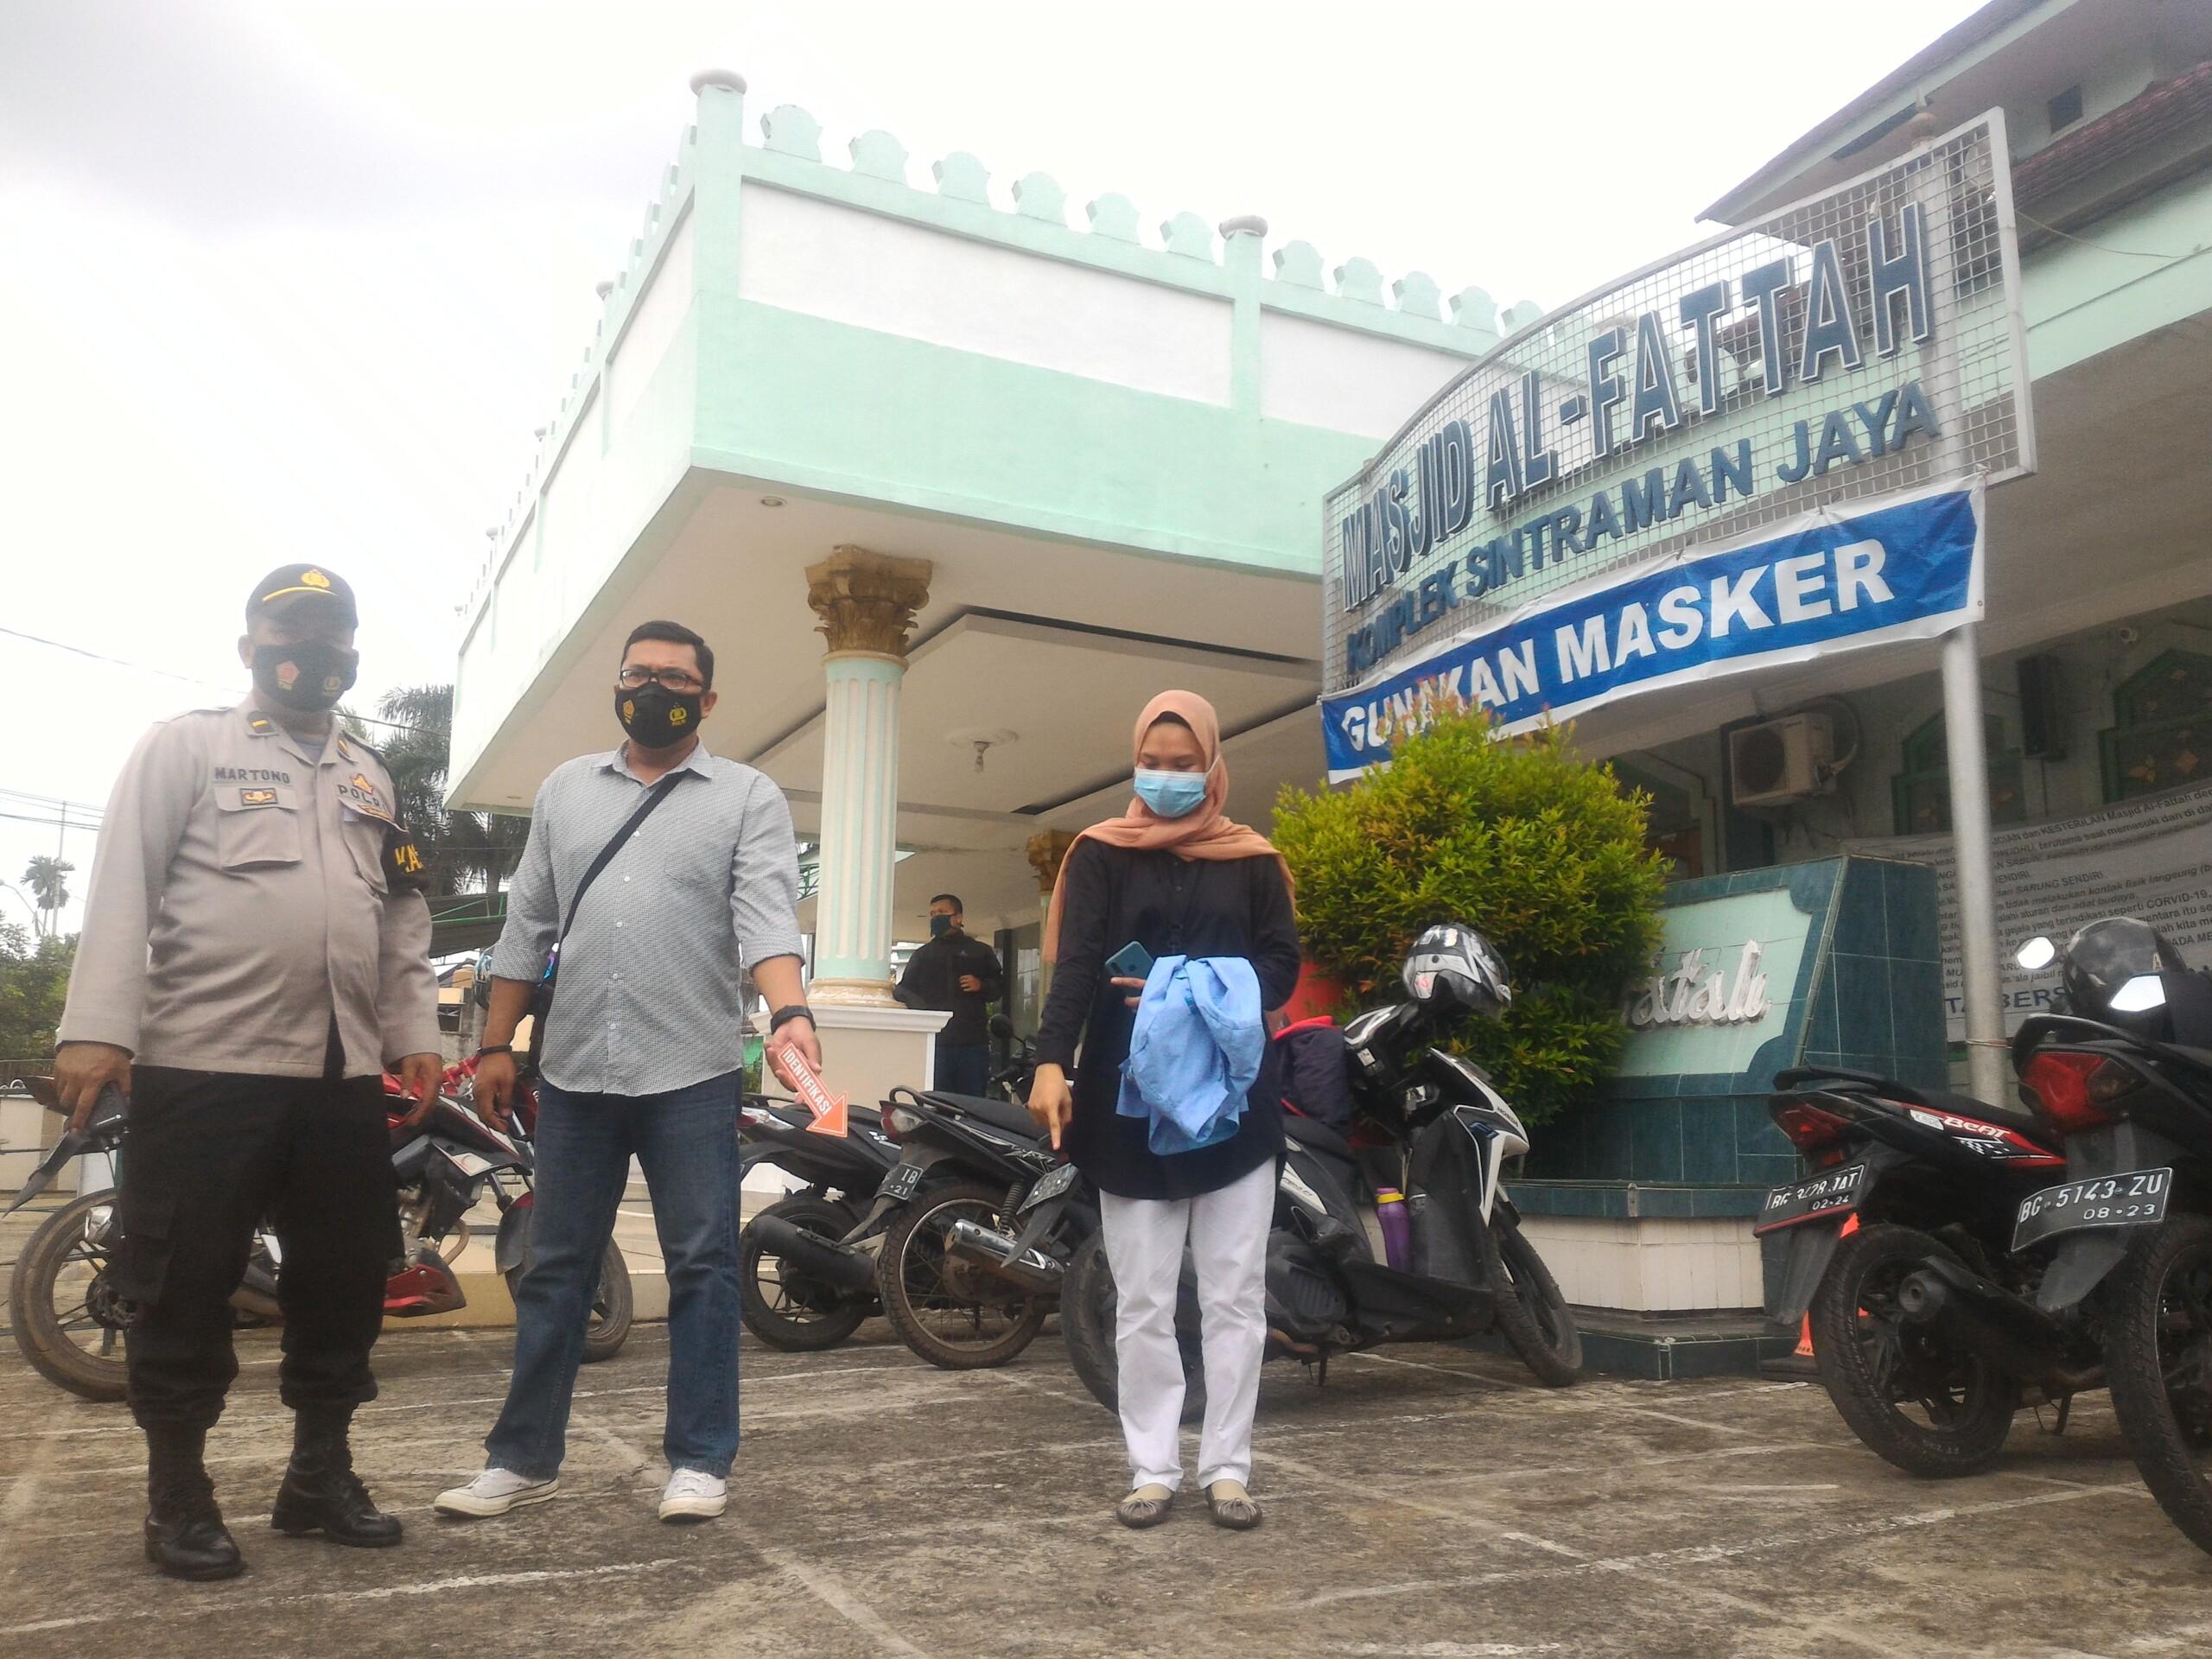 Nofti, mahasiswa UIN Raden Fatah Palembang yang hampir menjadi korban curanmor (Dede Febryansyah / Mattanews.co)